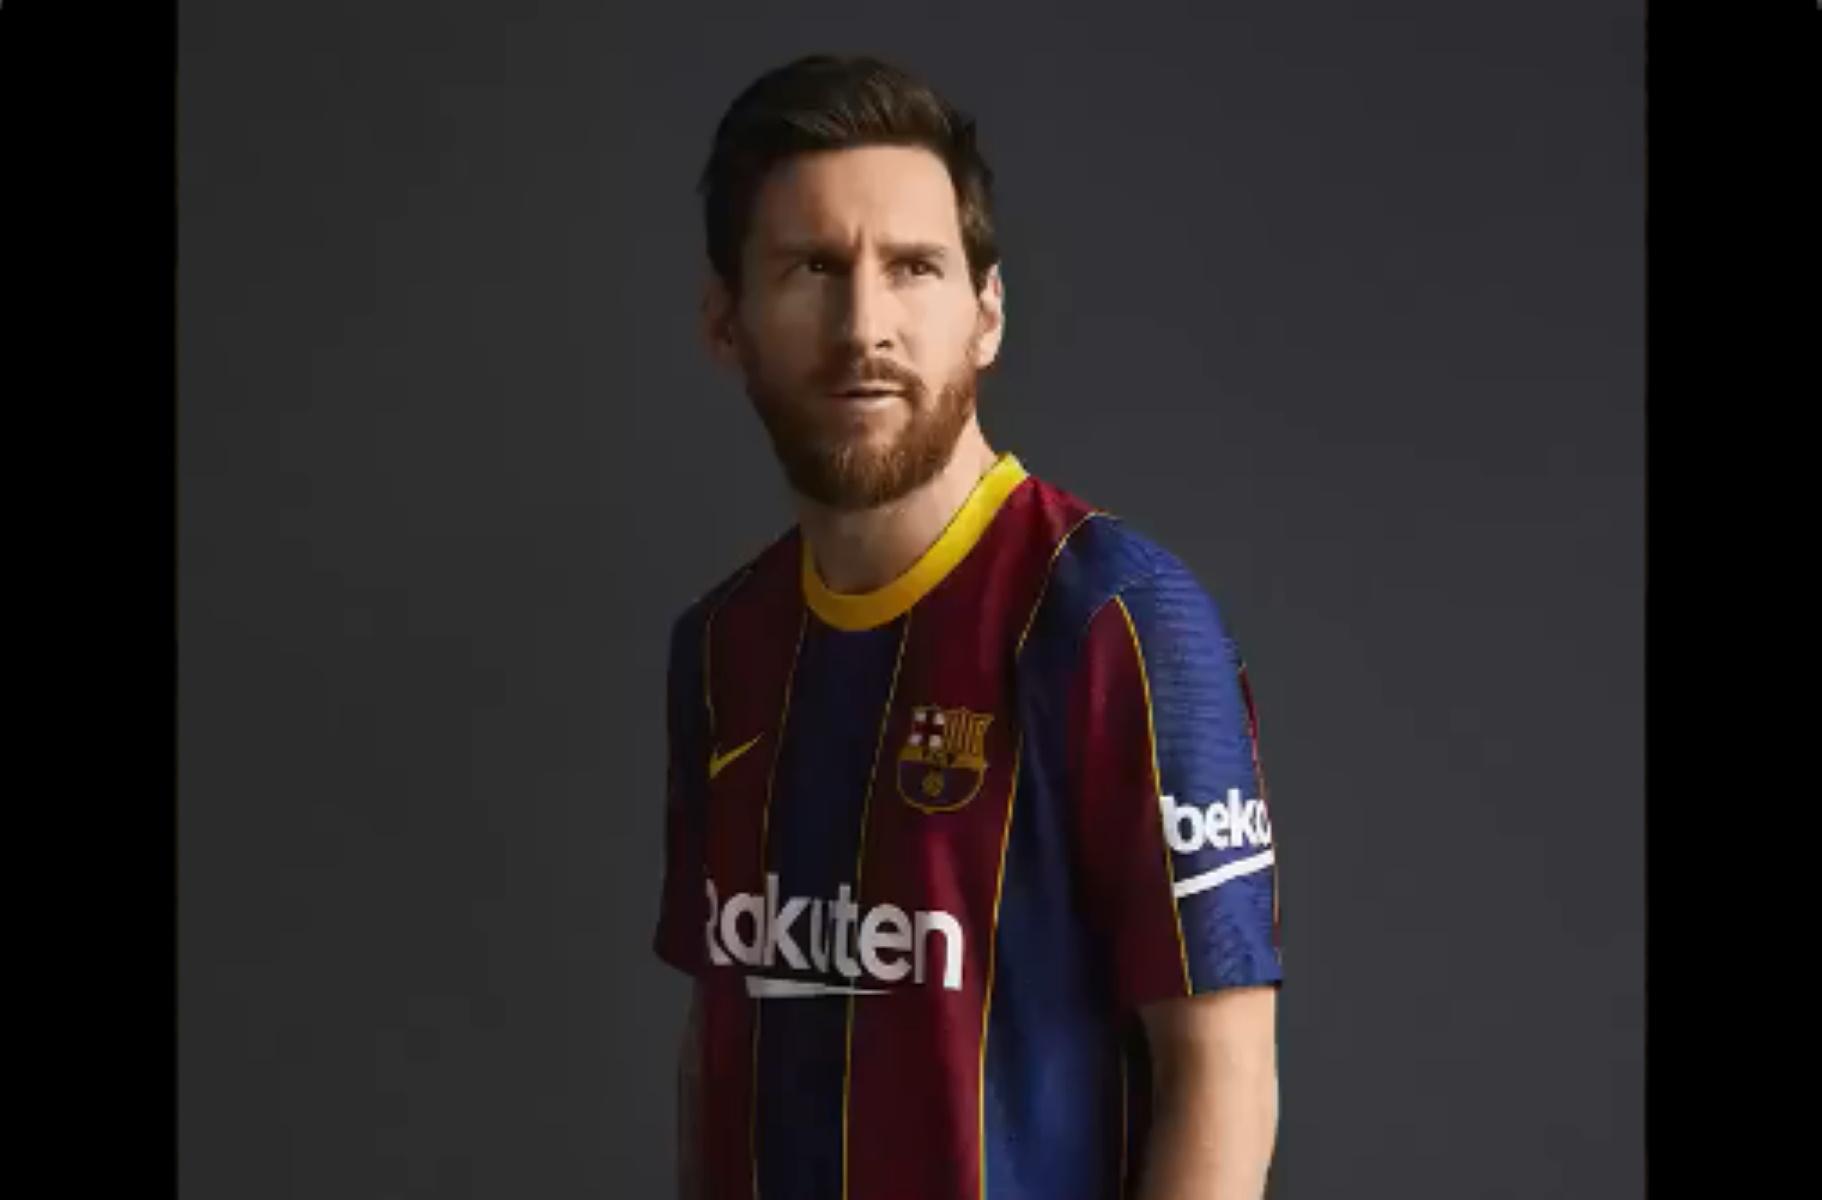 «Μπλόφα» η αποχώρηση Μέσι; Το σενάριο παραμονής στην Μπαρτσελόνα και ο «πόλεμος» με την La Liga